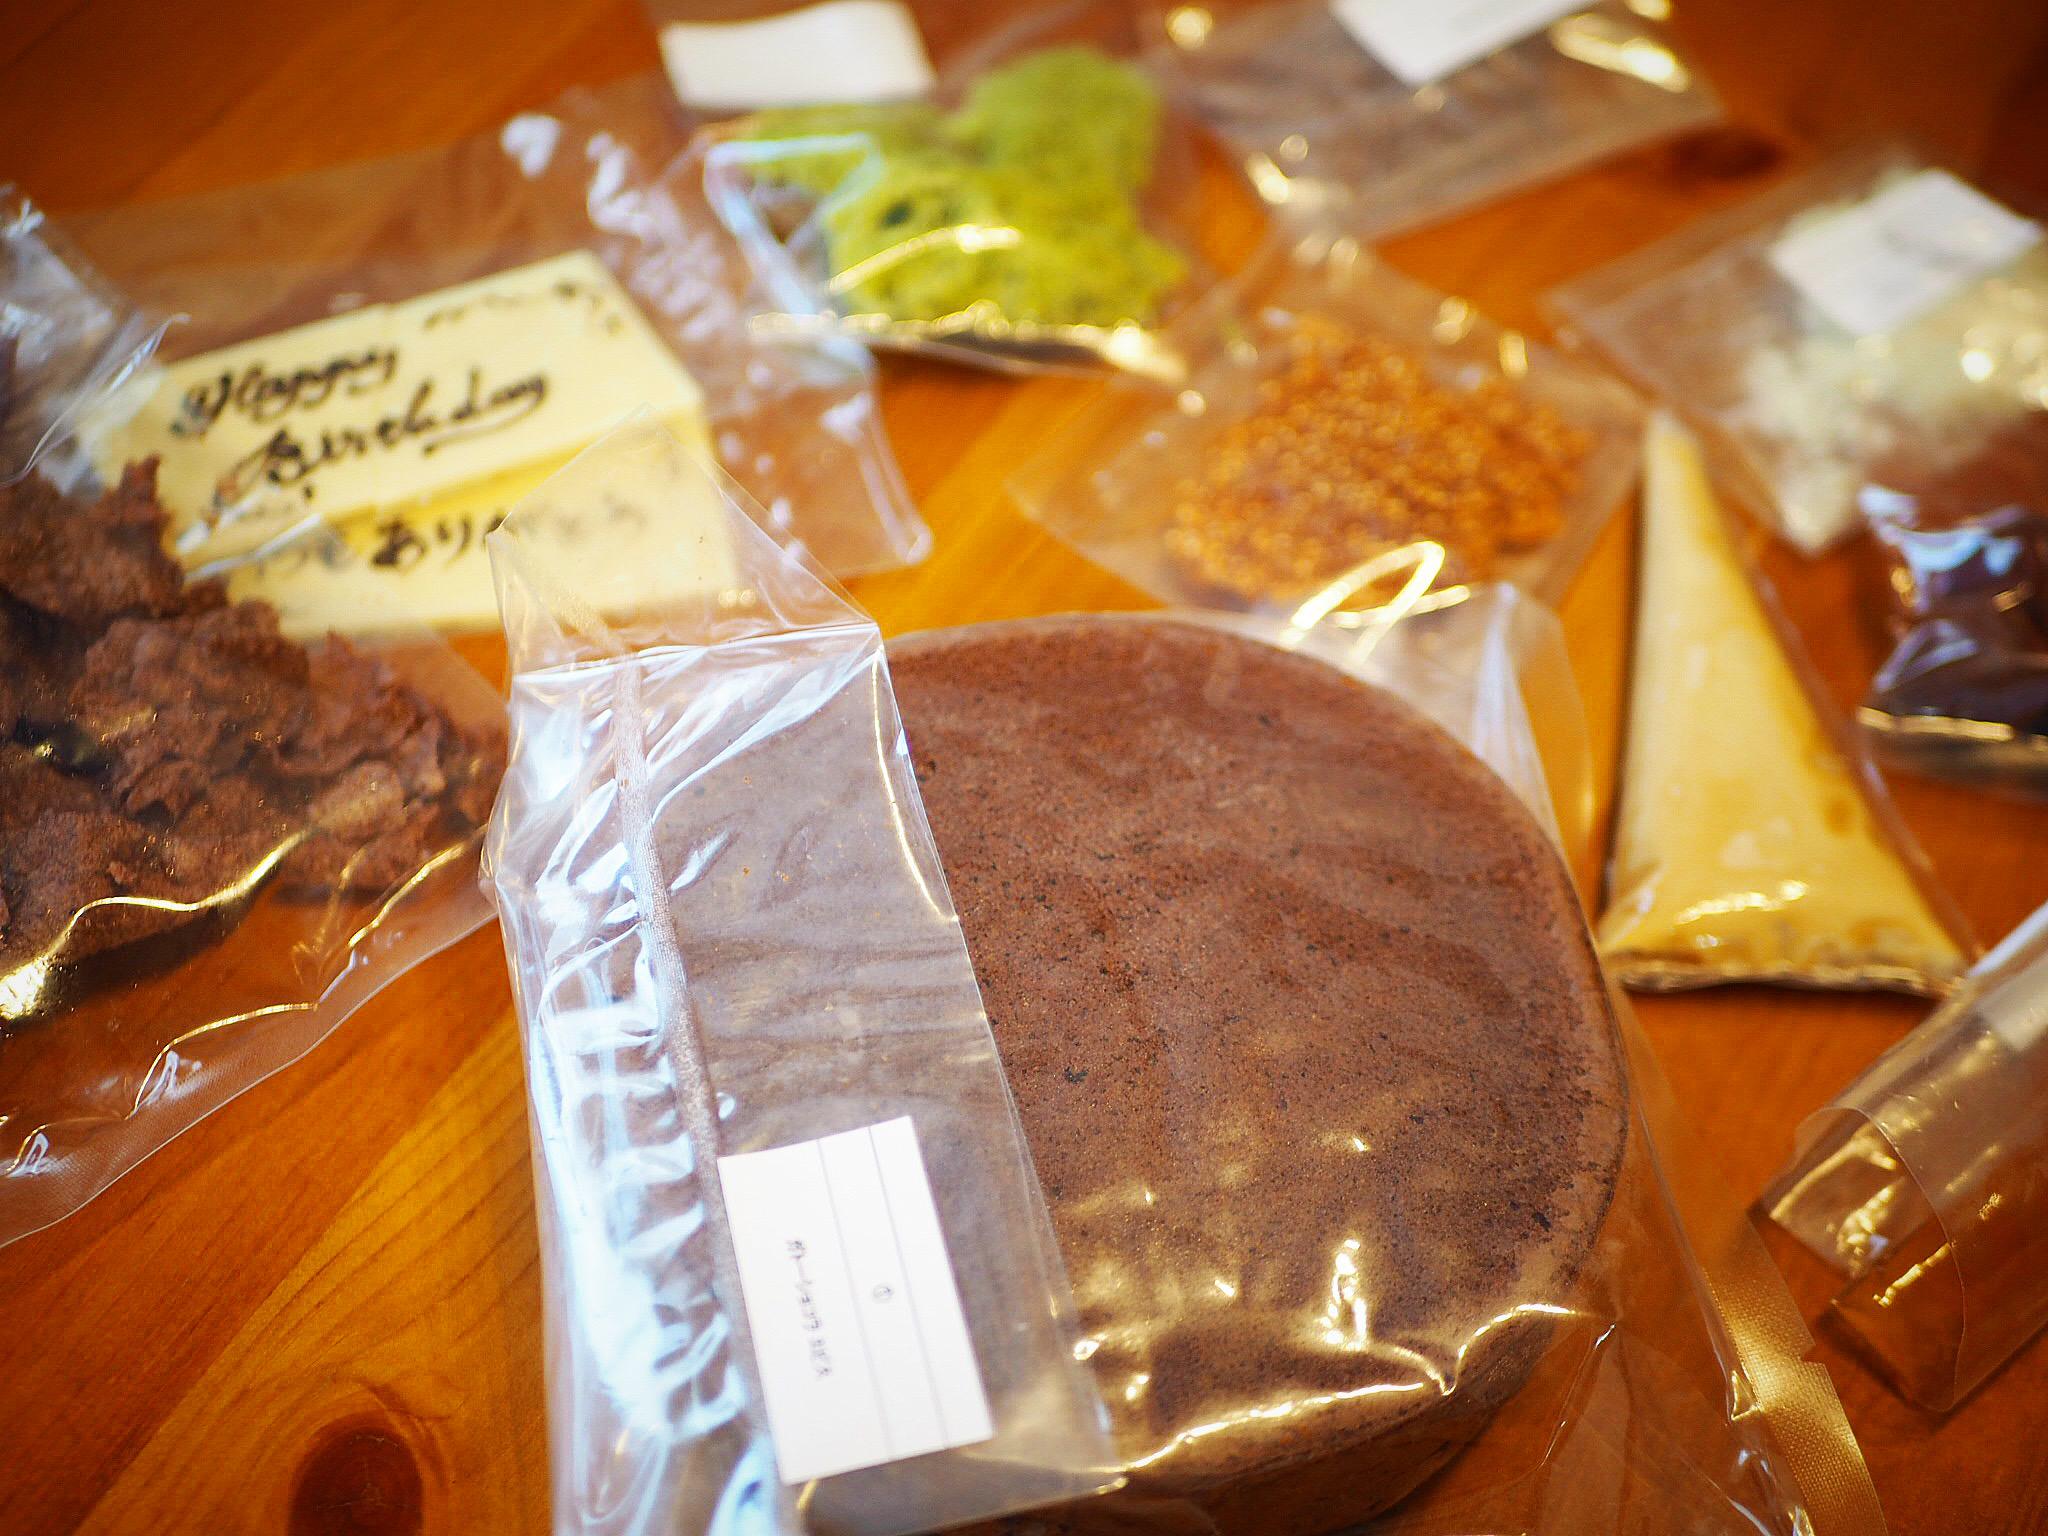 【#IWAIのお祝いご飯便】ギフトにも◎楽しいを味わう《体験型お祝いケーキ》が素敵!_3